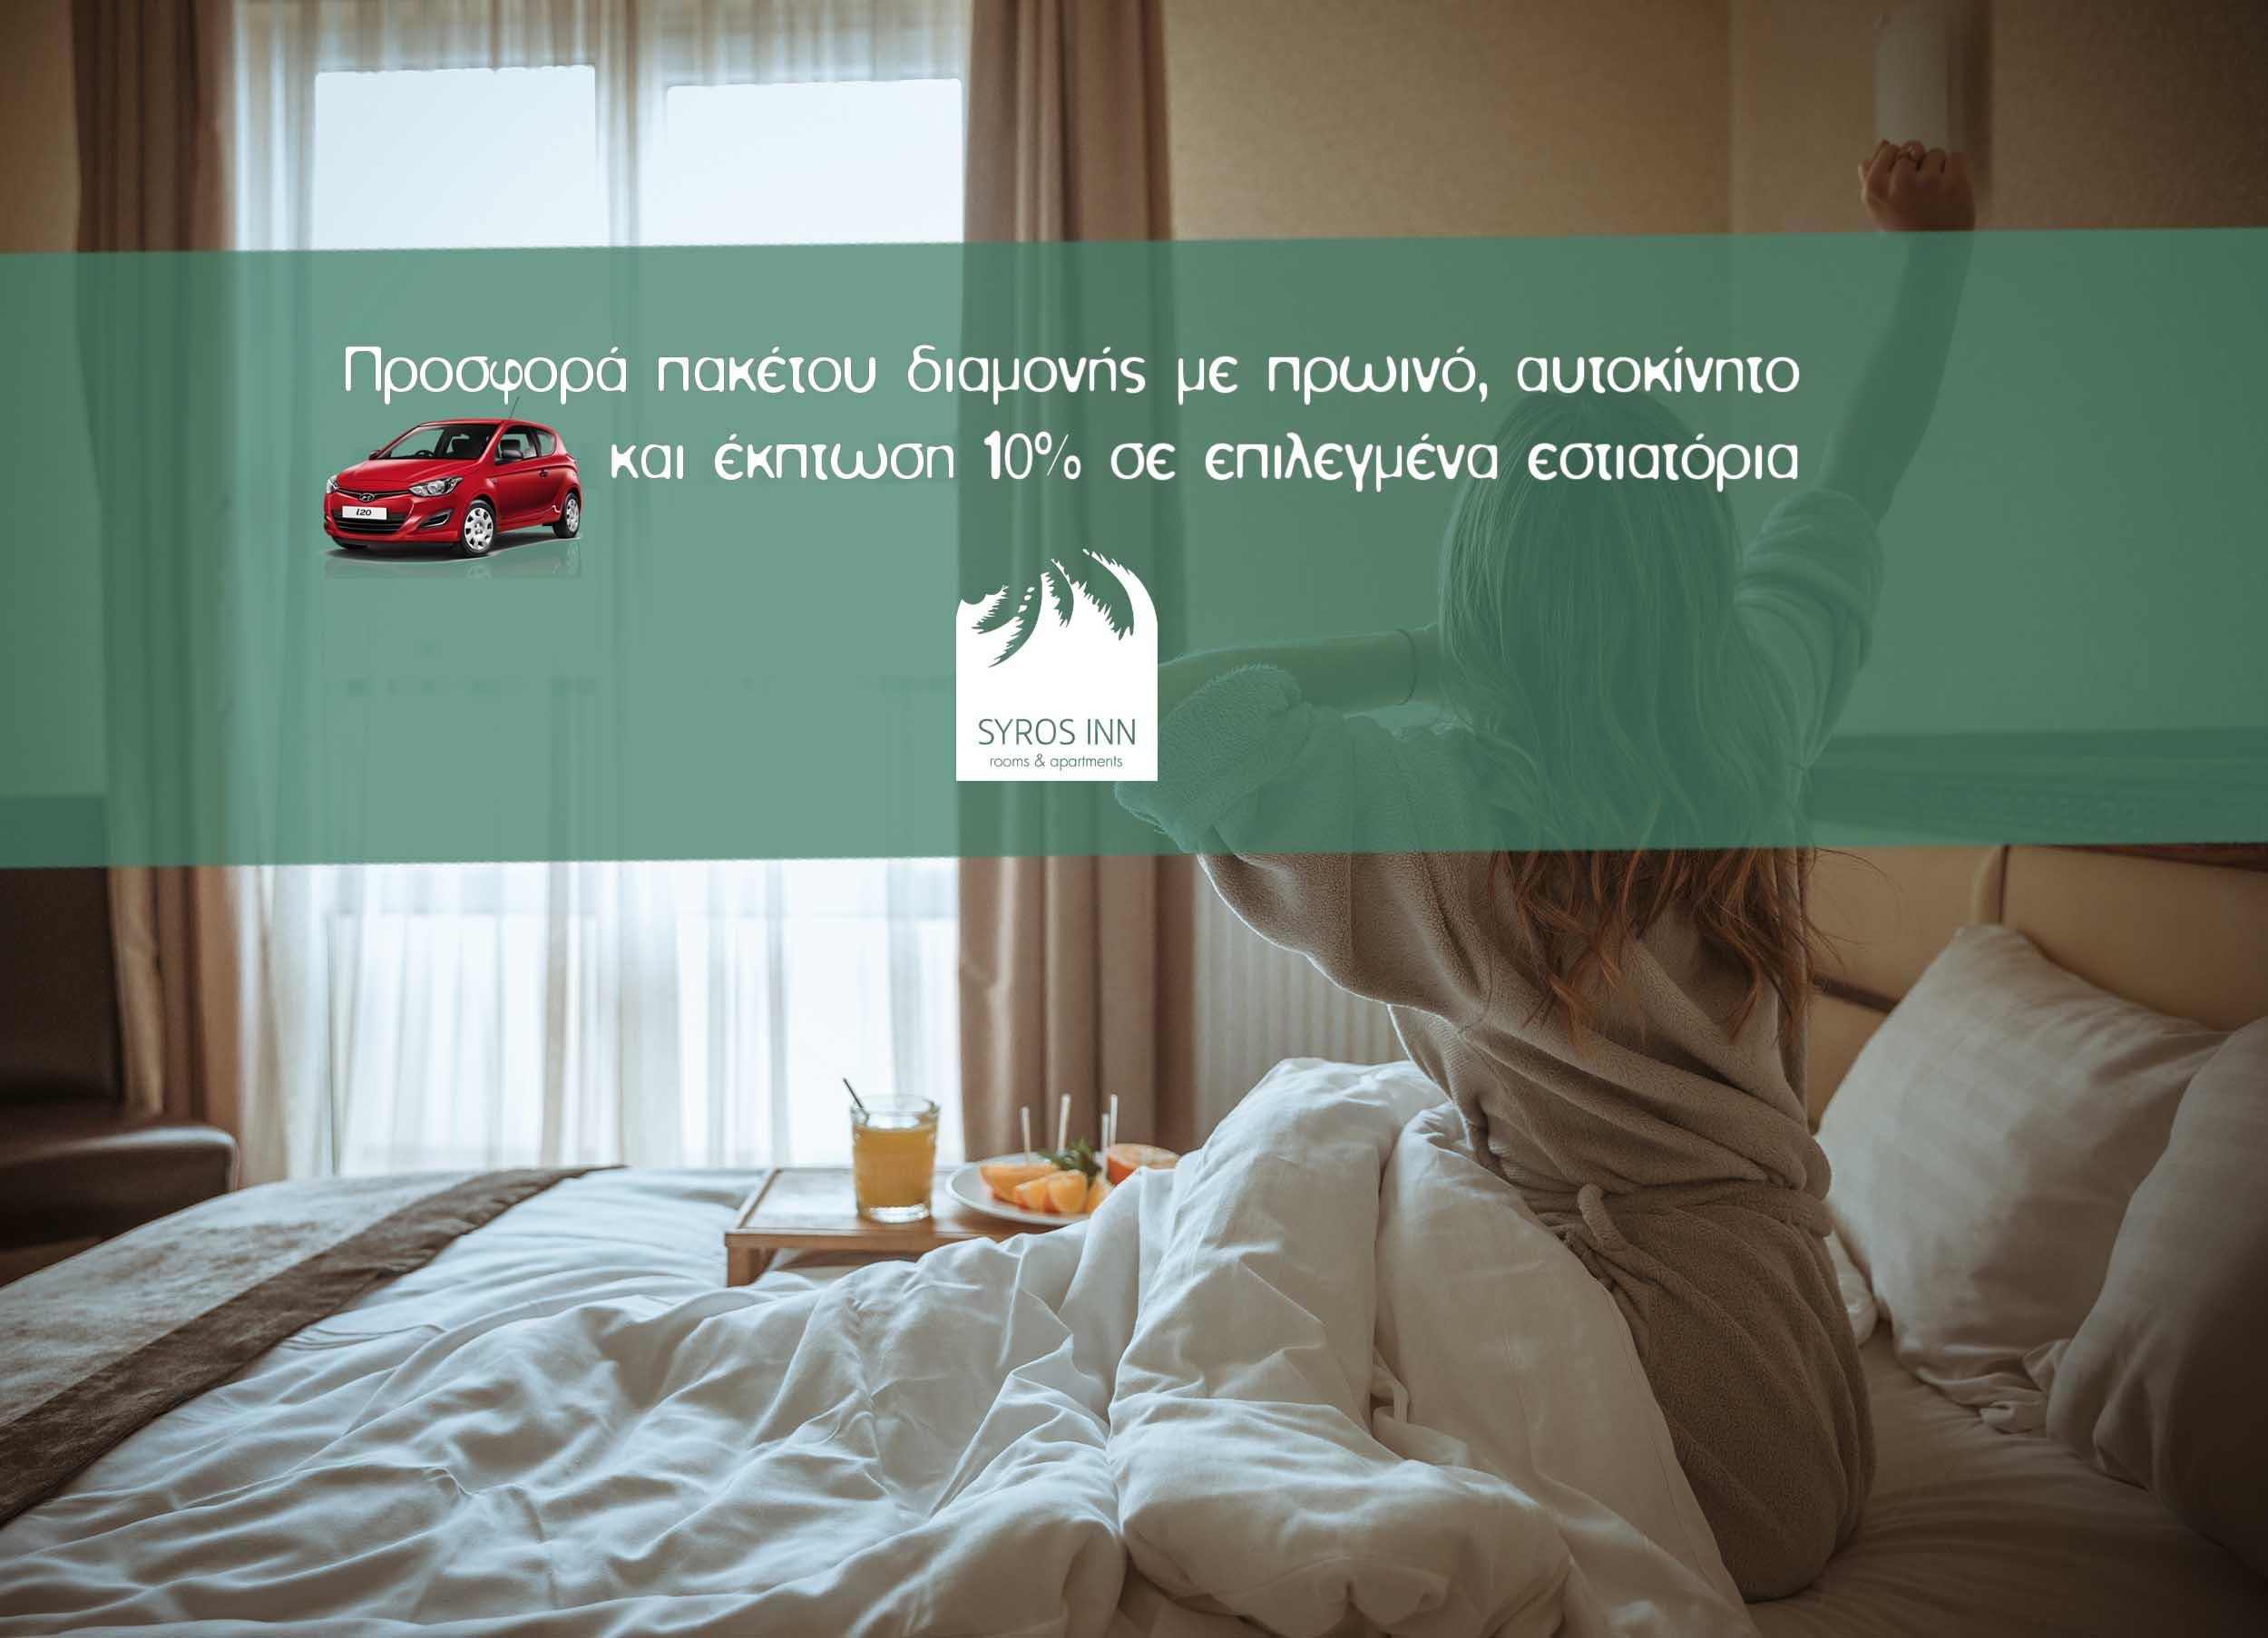 Διαμονή στο SYROS INN, σε δίκλινο δωμάτιο, δίπλα στην παραλία του Γαλησσά, με πρωινό και αυτοκίνητο